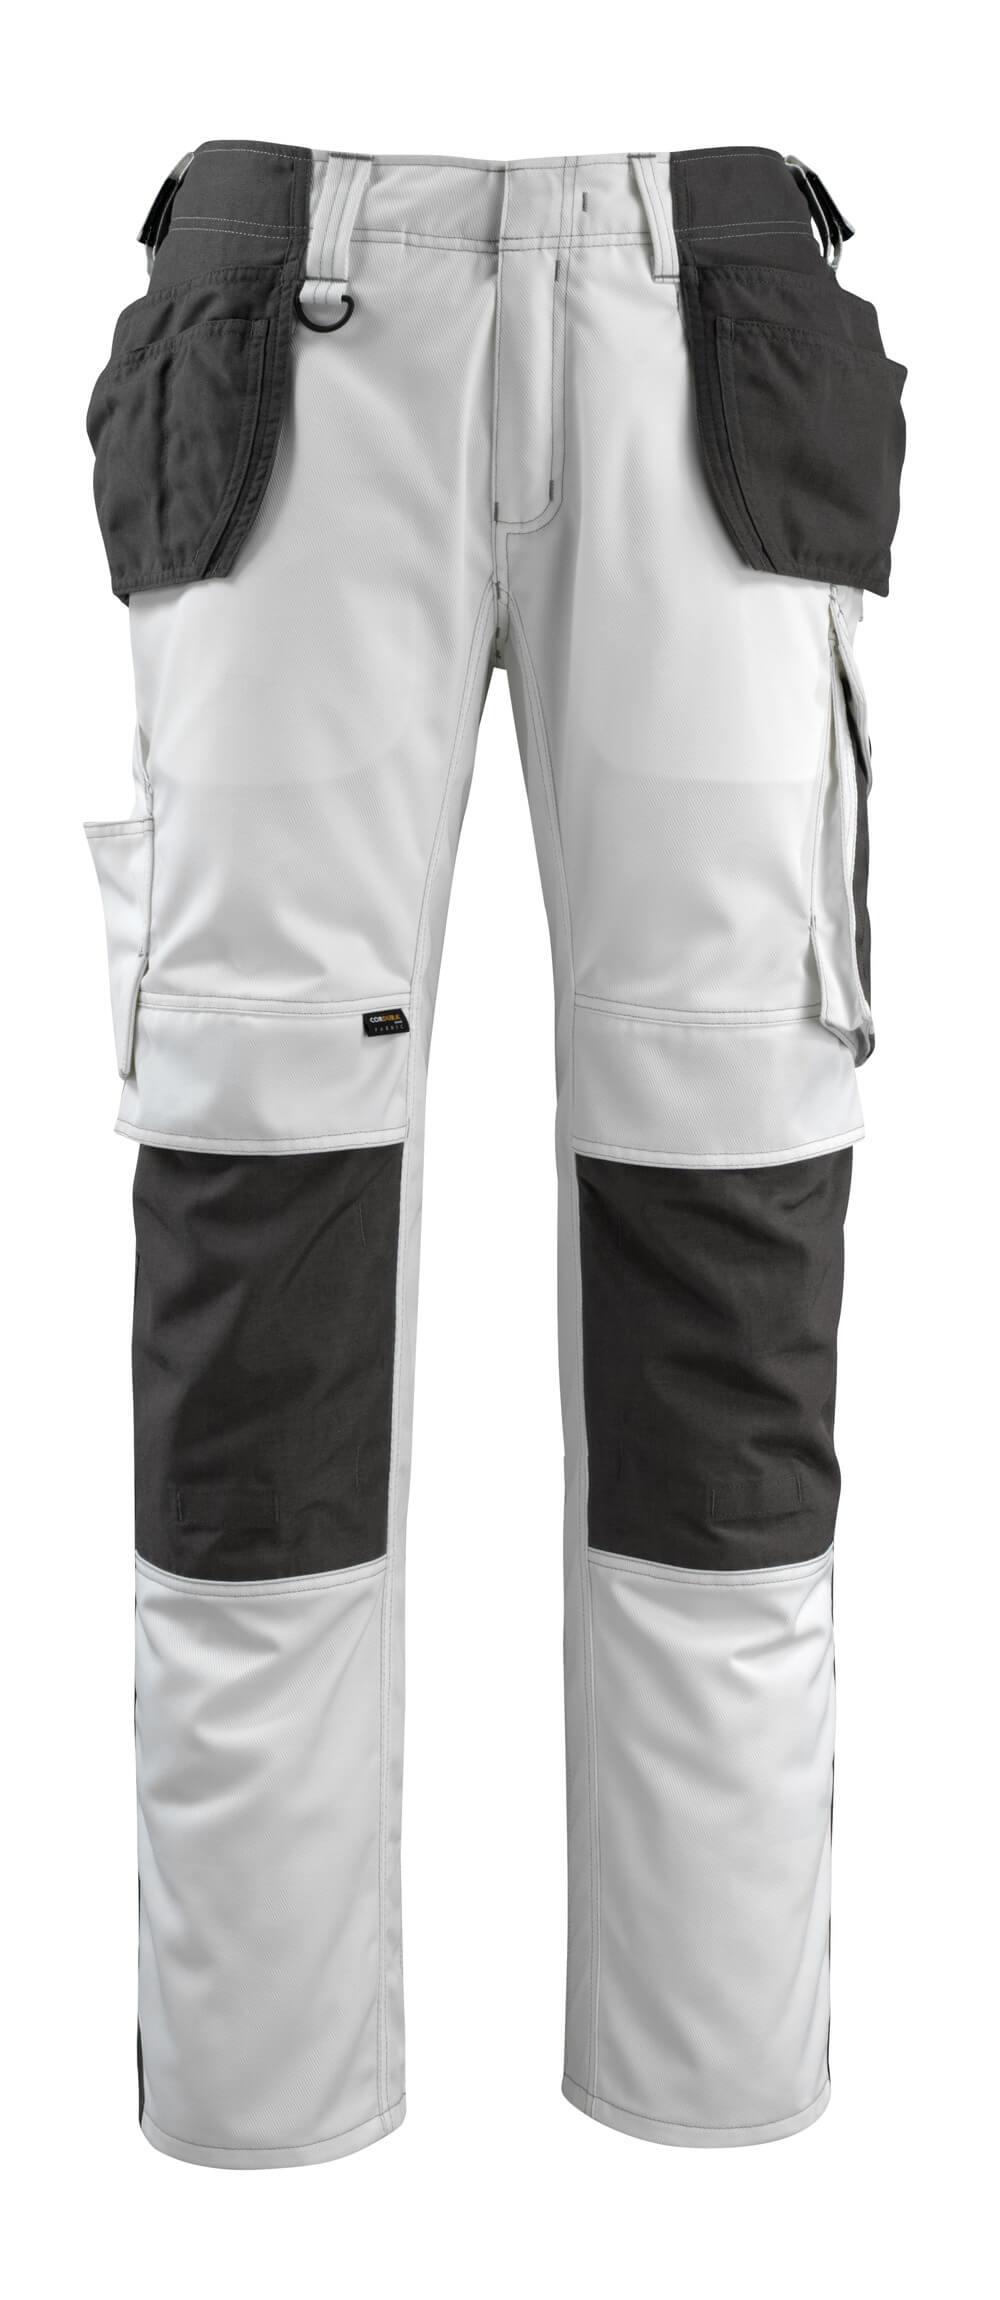 14031-203-0618 Pantalon avec poches flottantes - Blanc/Anthracite foncé